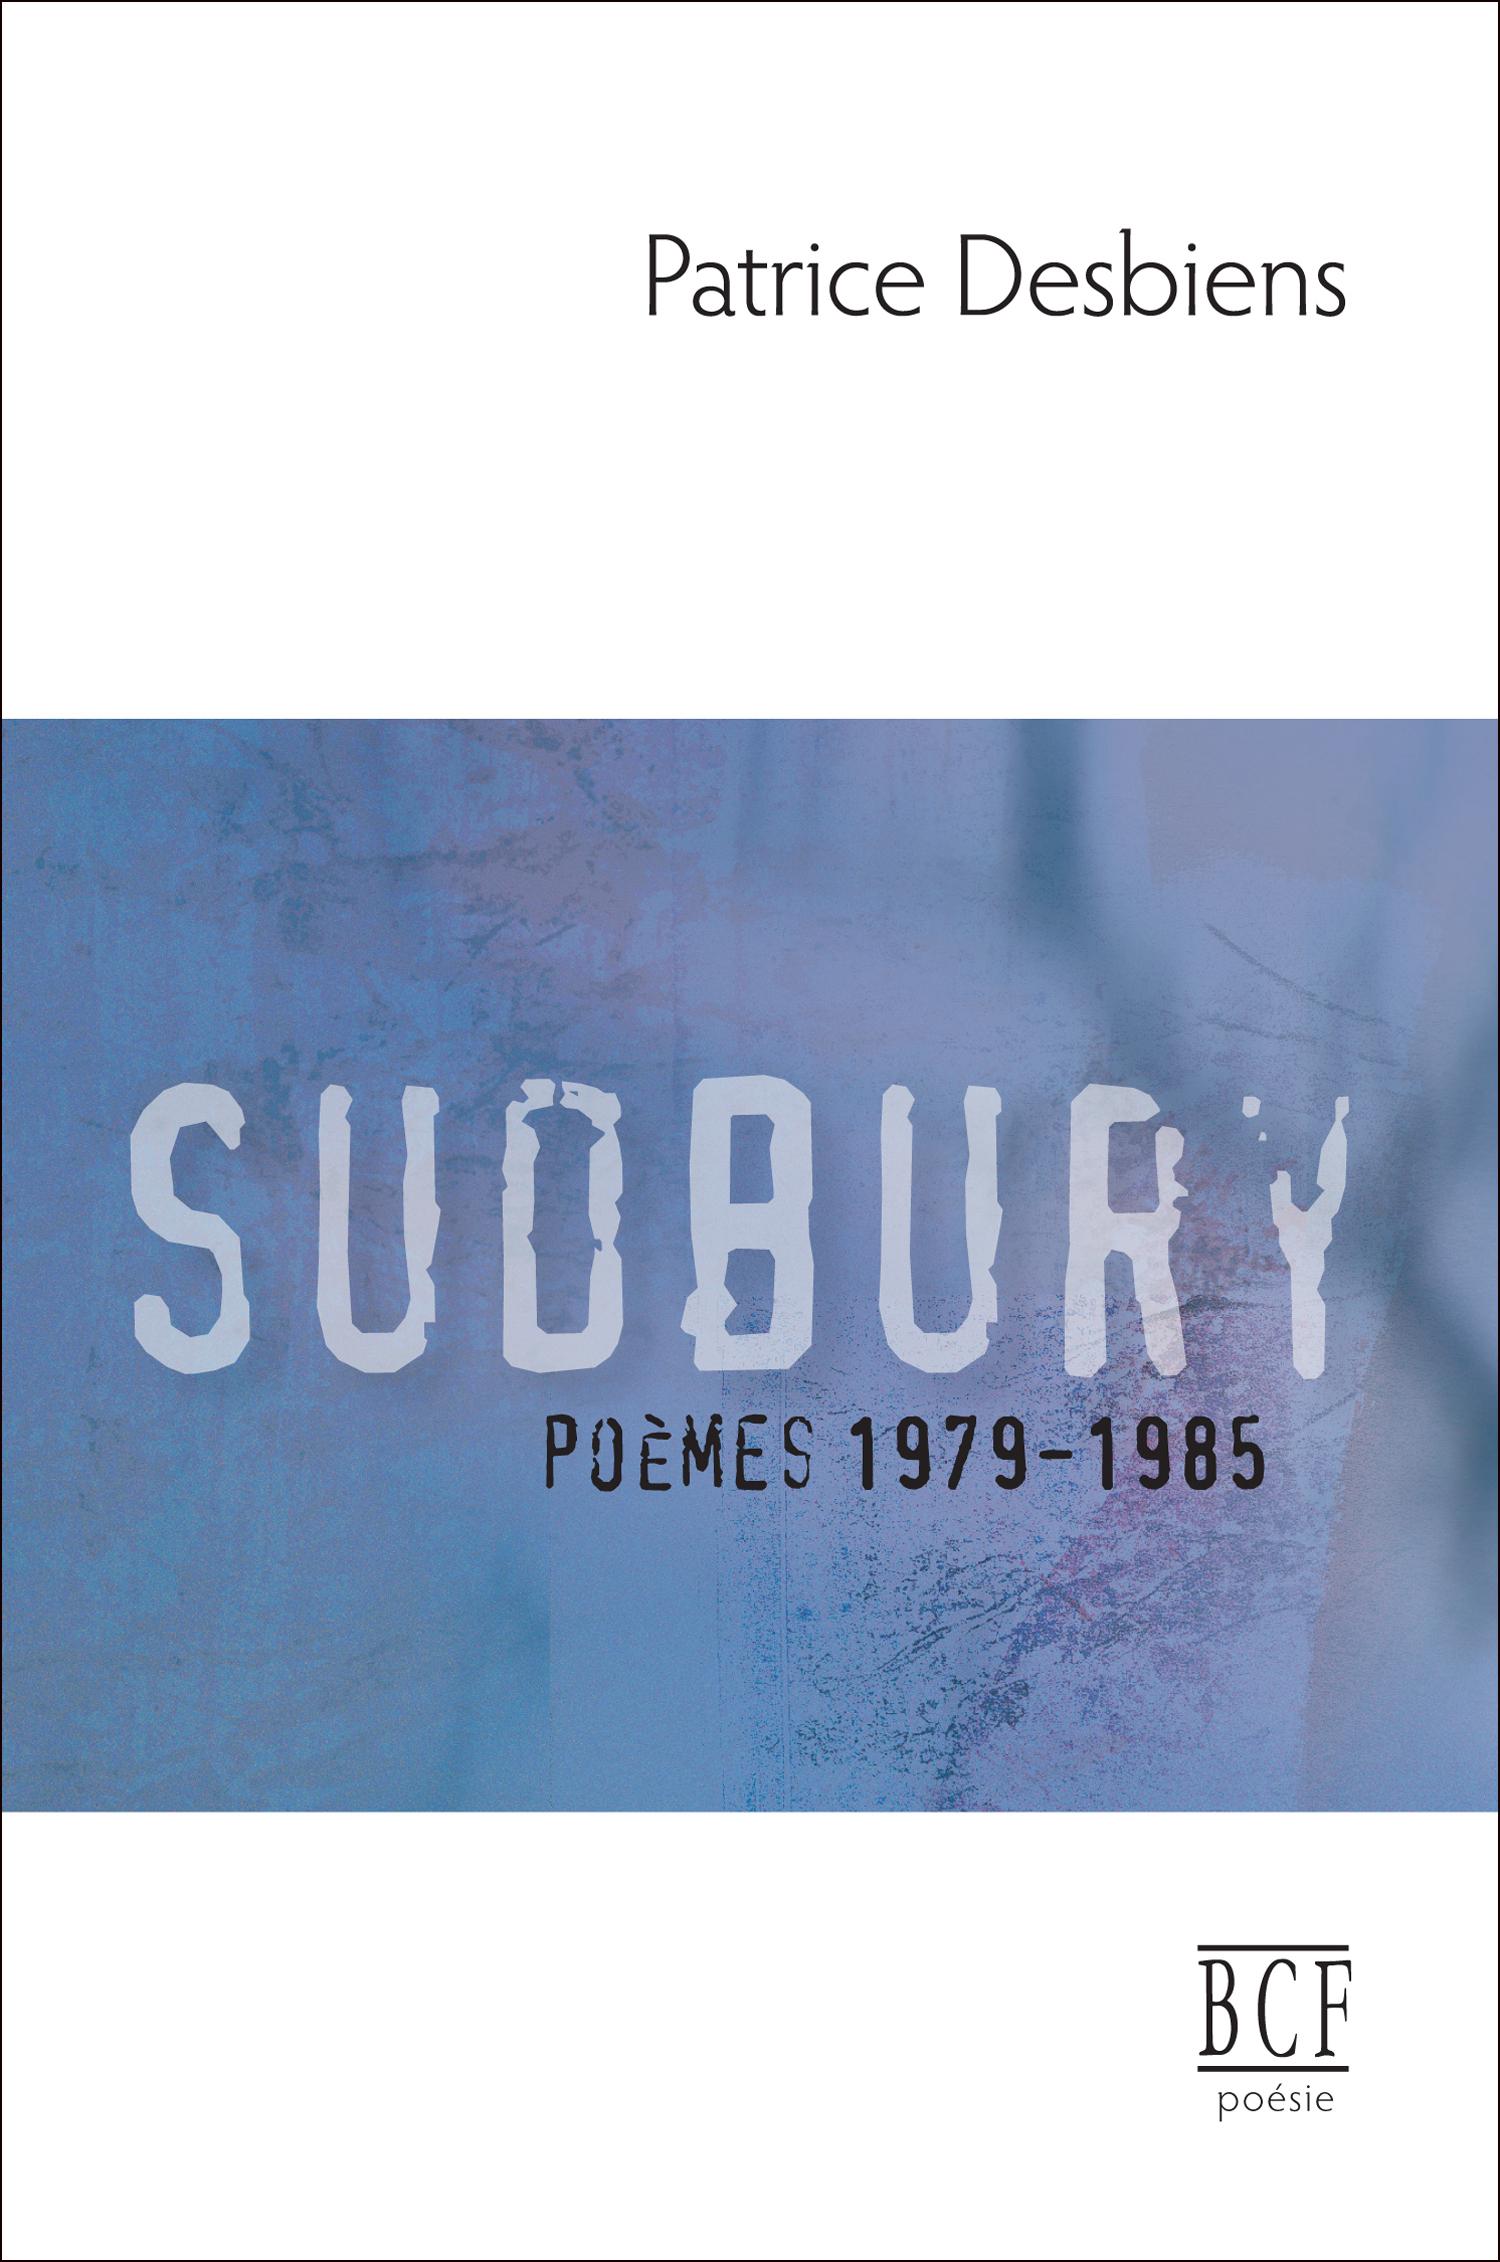 Couverture : Sudbury: Poèmes 1979-1985 Patrice Desbiens